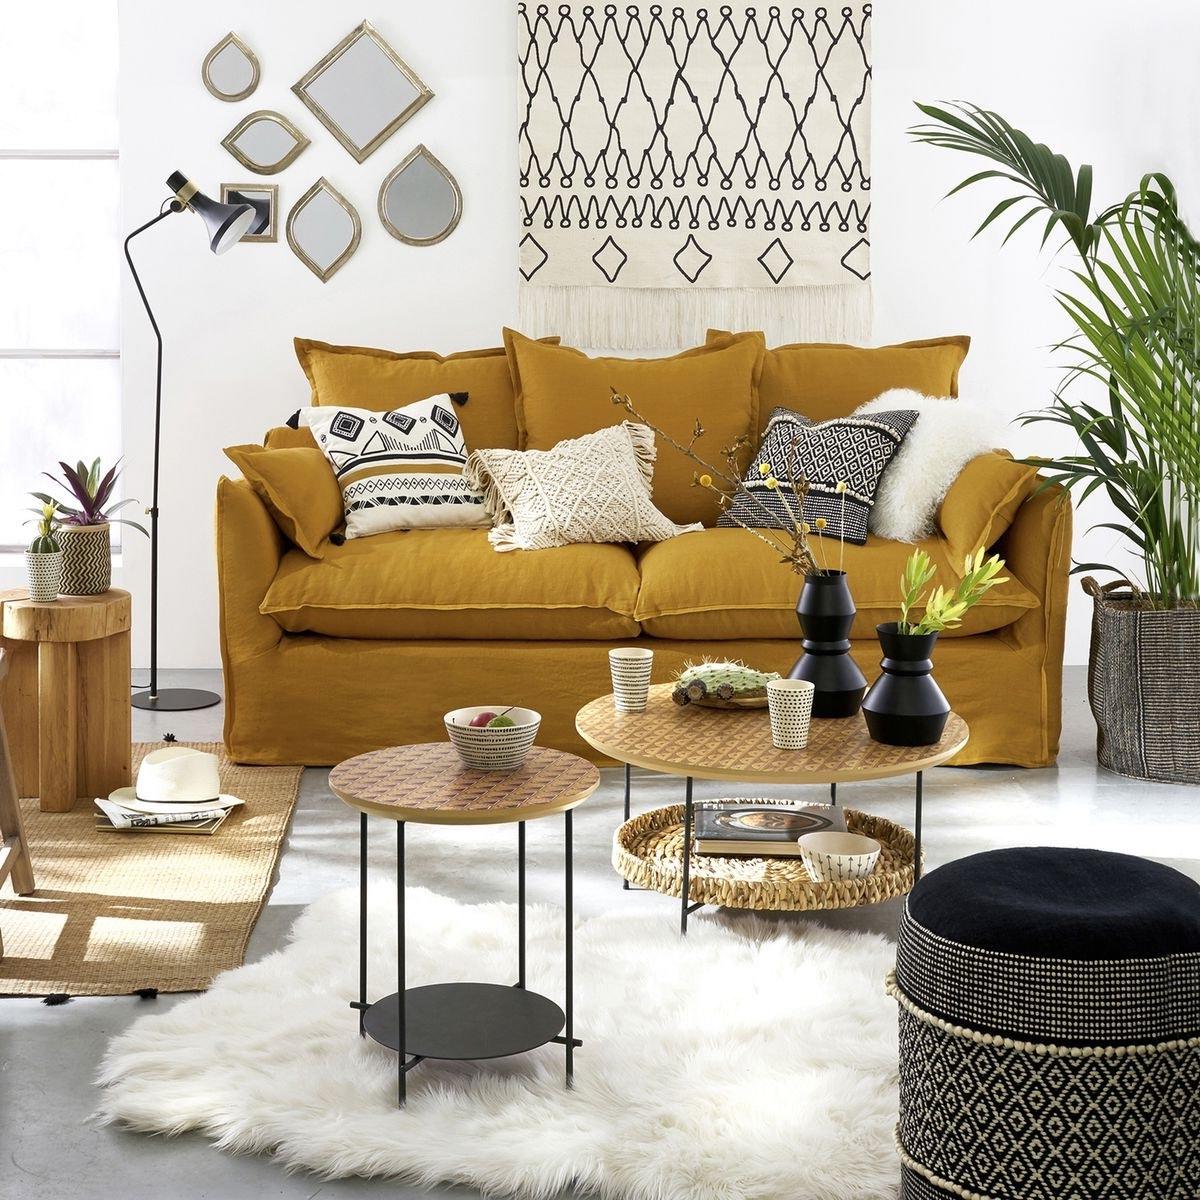 décoration jaune salon noir blanc canapé lin